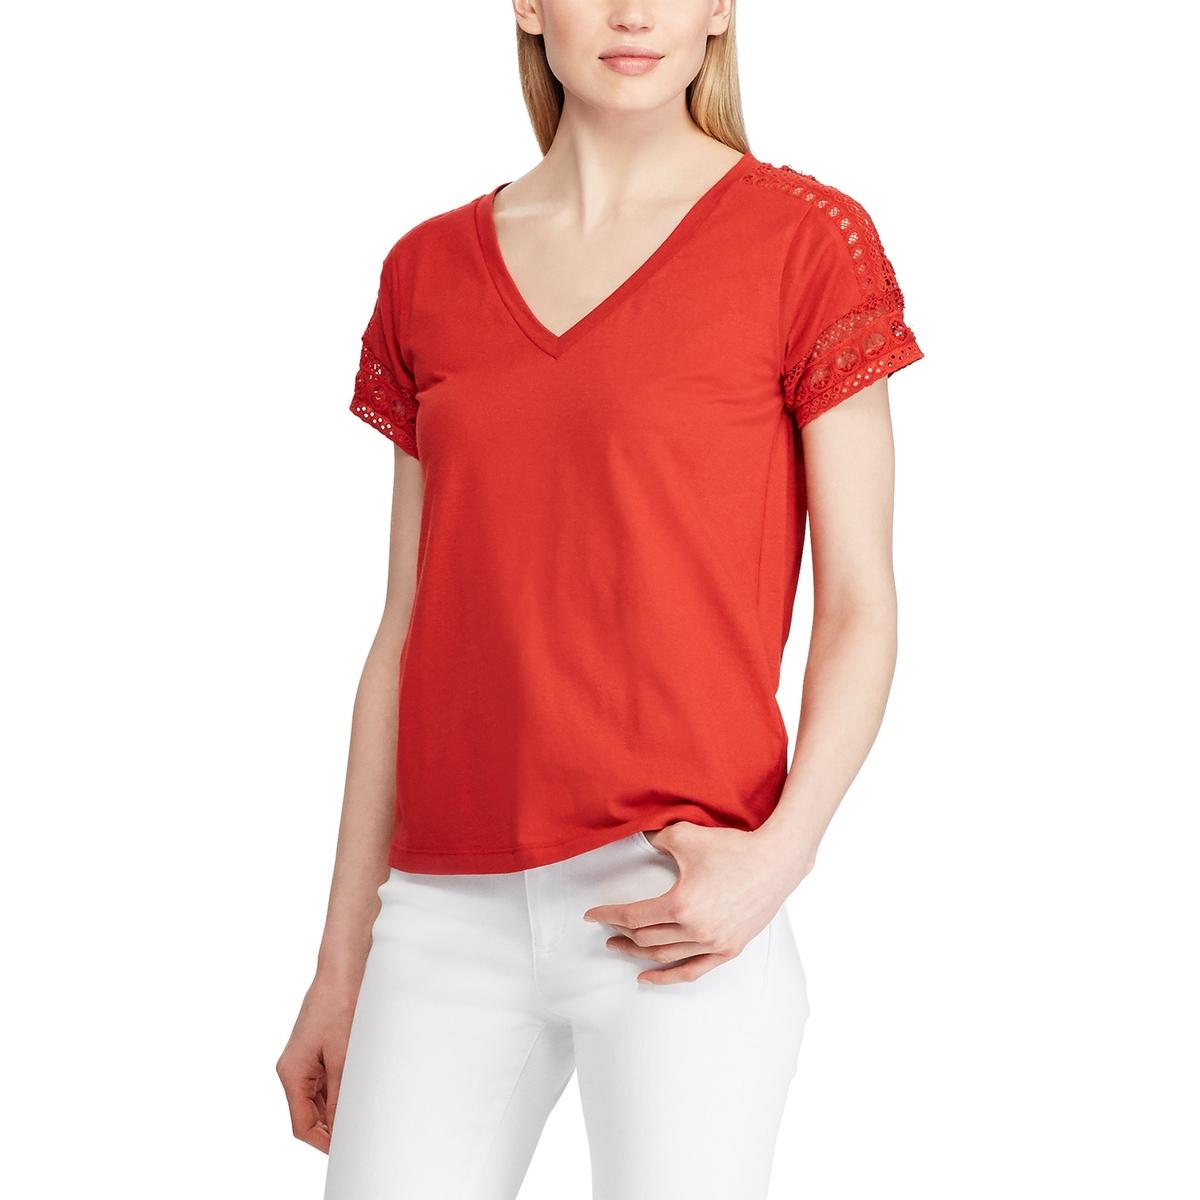 Блузка La Redoute С V-образным вырезом короткими рукавами и кружевом M красный недорого